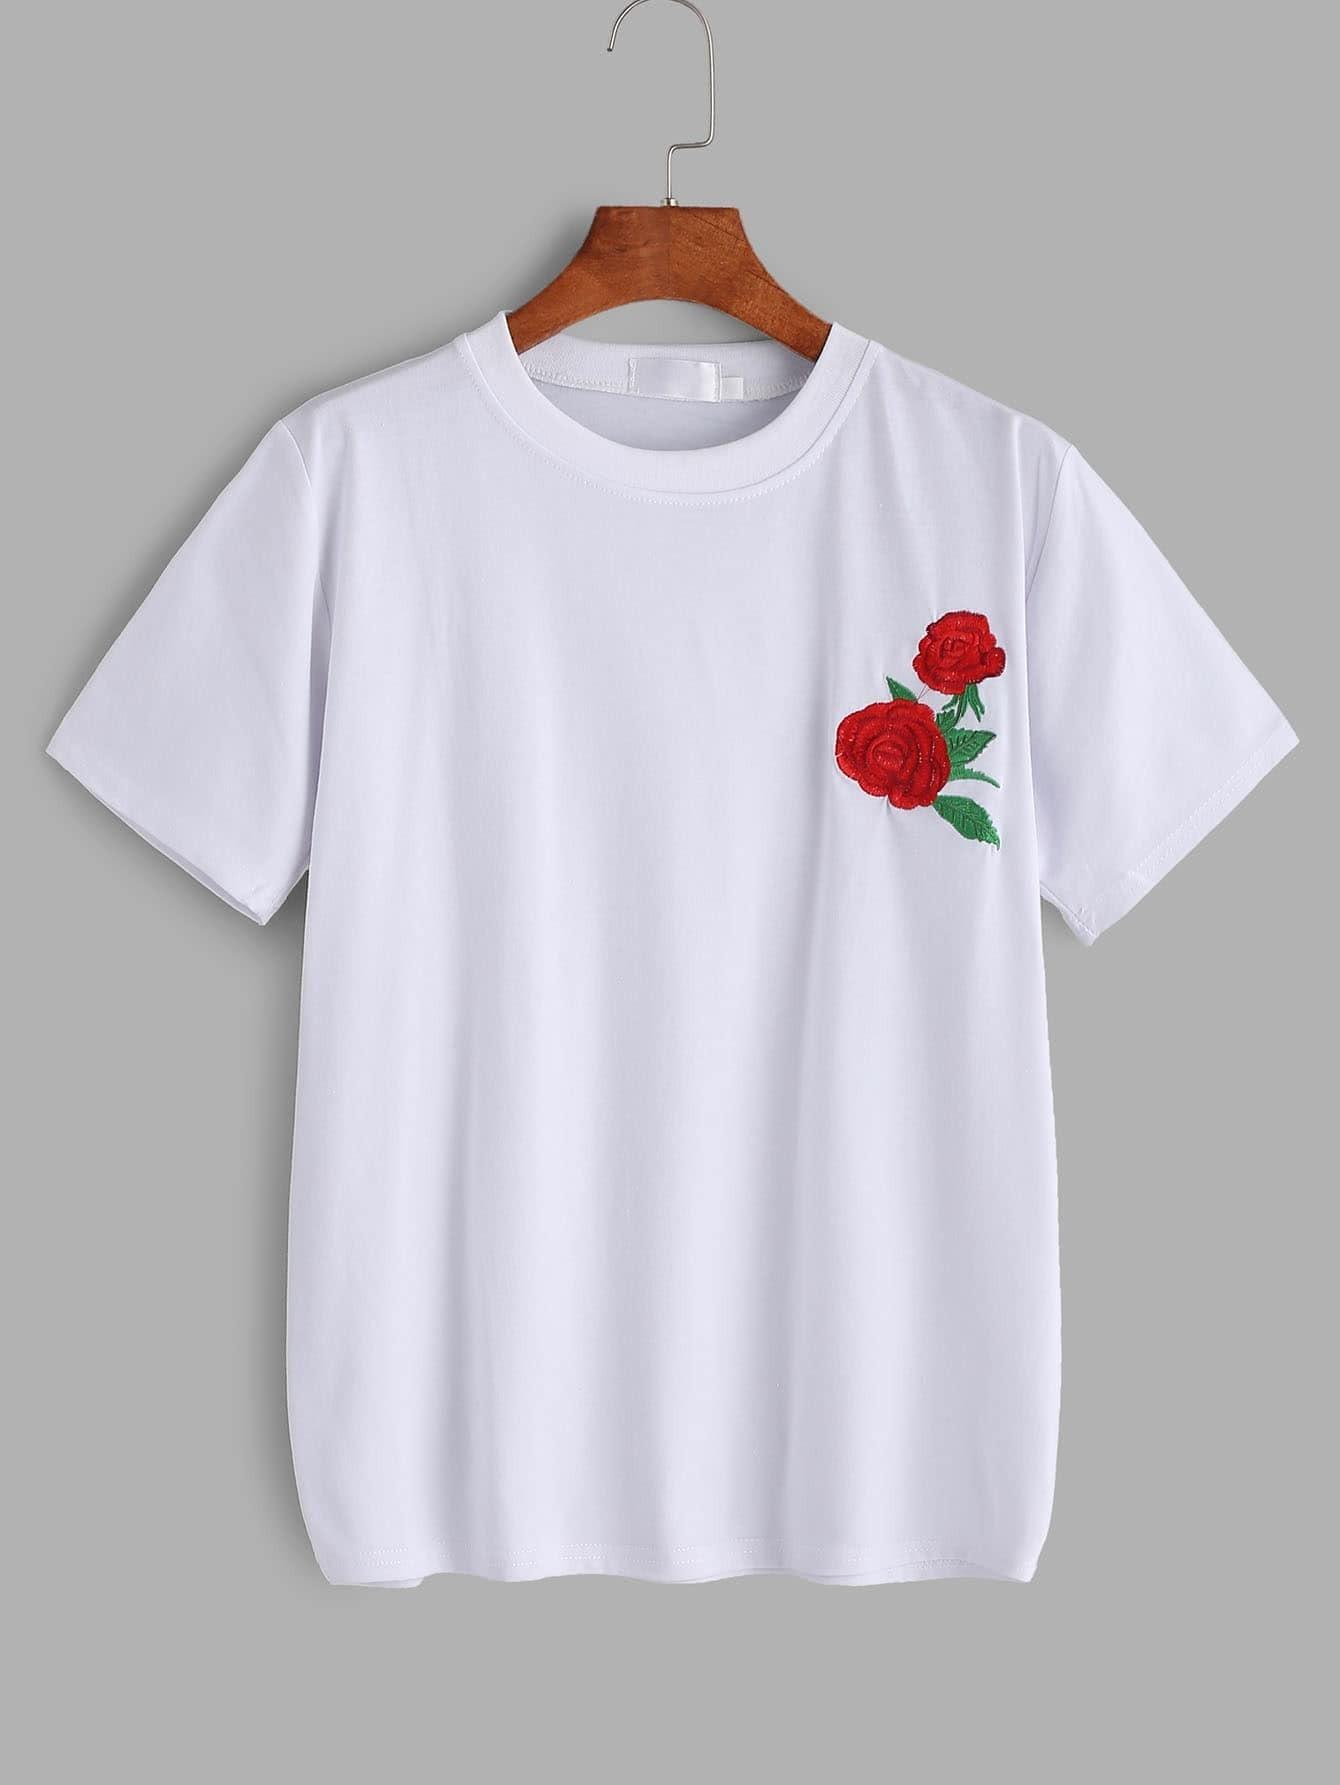 Заказать вышивку на футболку 19